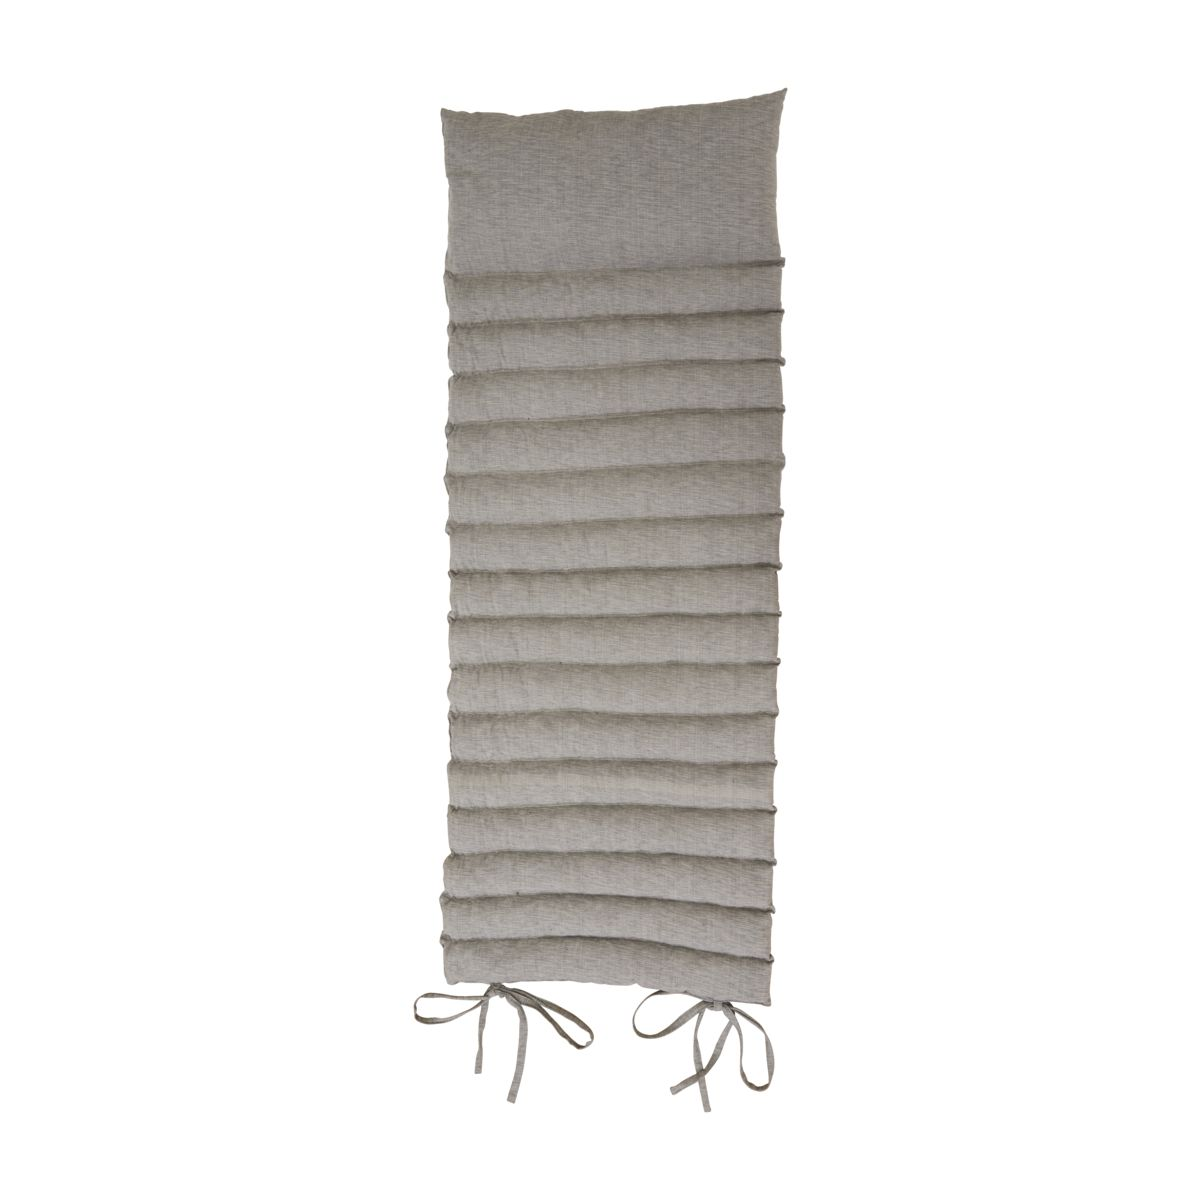 house doctor – House doctor liggemadras - grå/sandfarvet bomuld/uld (186x70) fra boboonline.dk